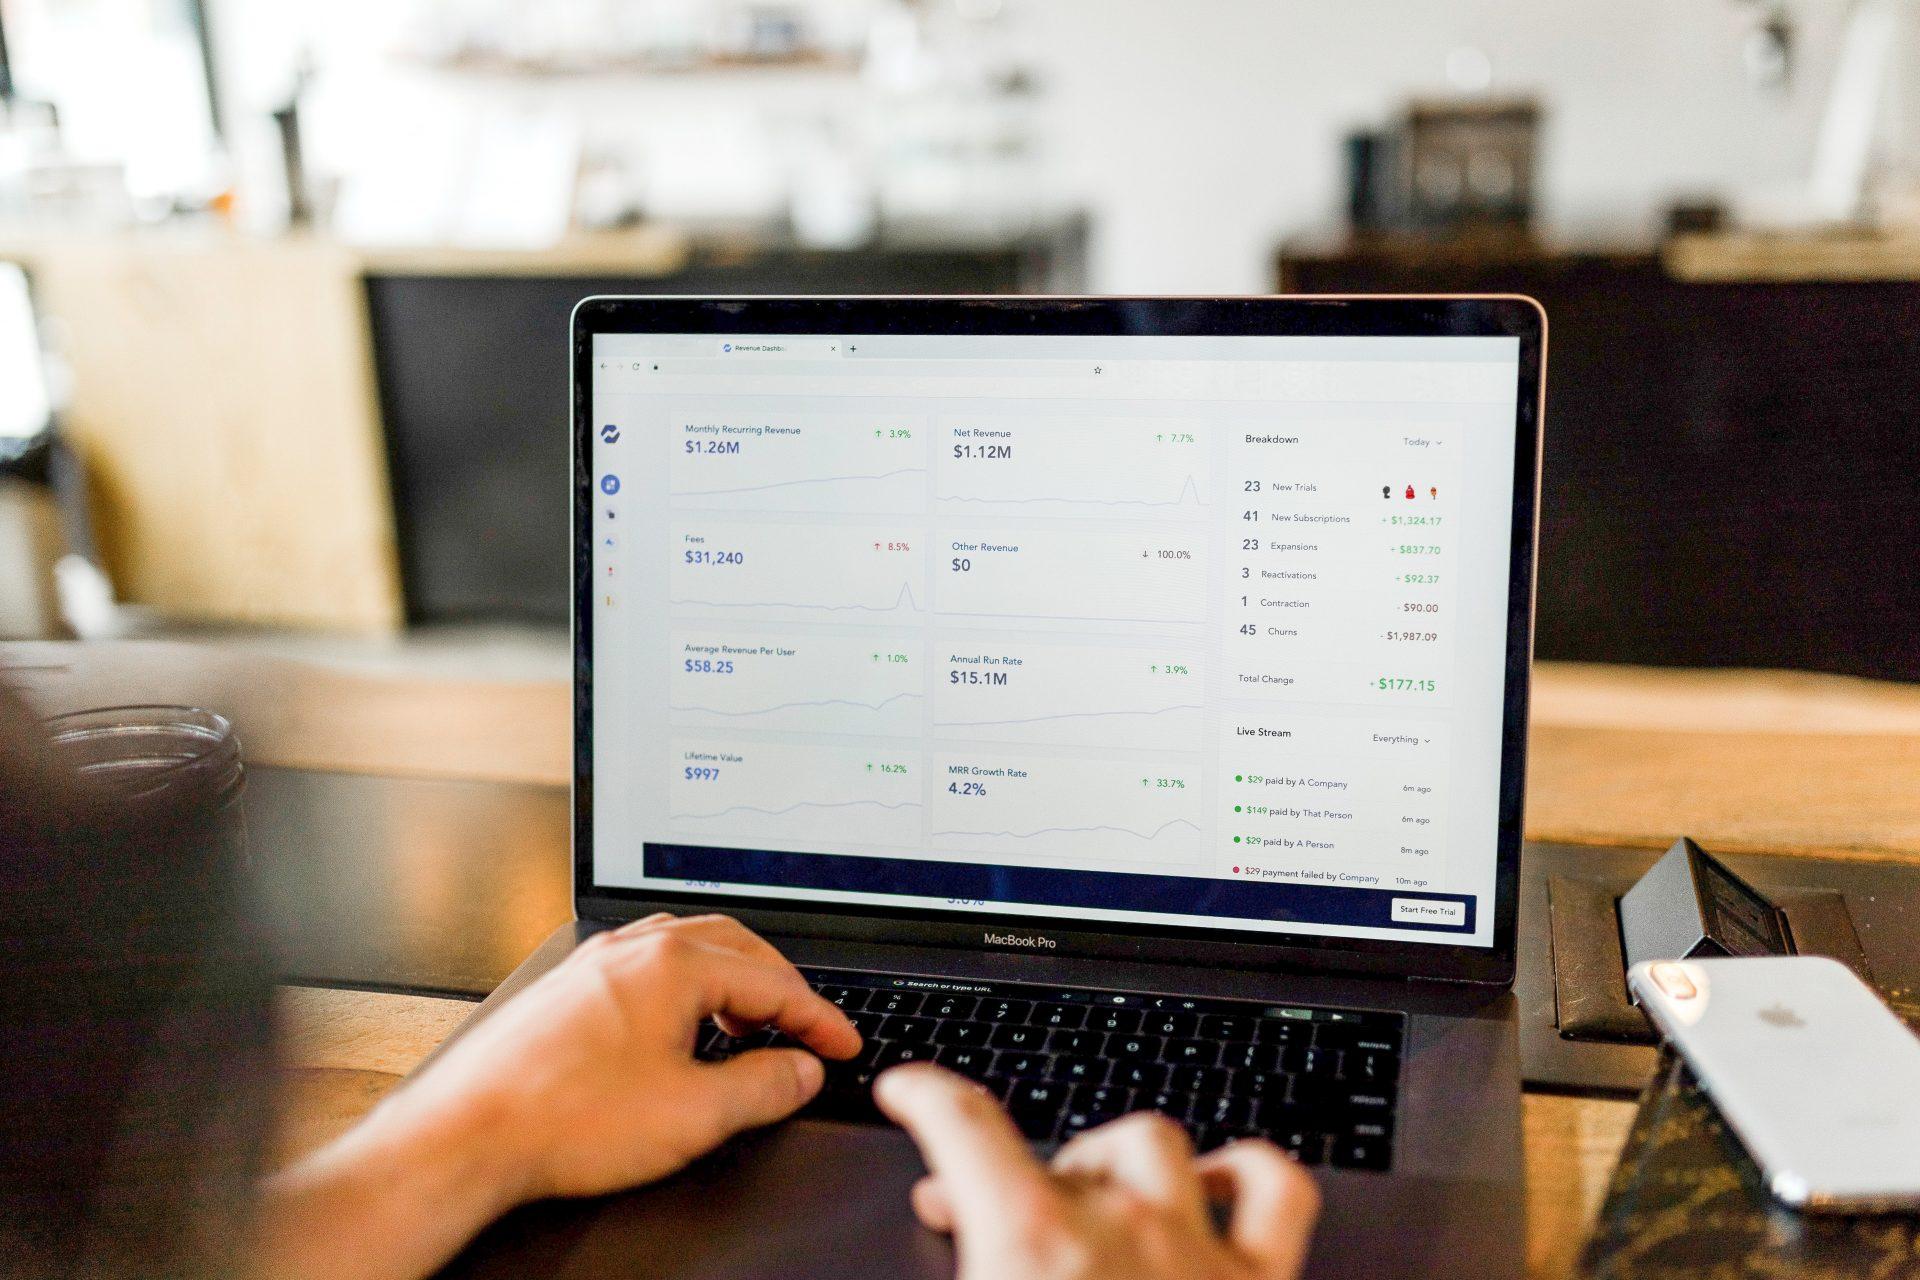 Fotografía de un ordenador portátil con una páginas de métricas y estadísticas abierta, que ilustra los valores de conversiones en campañas de marketing.